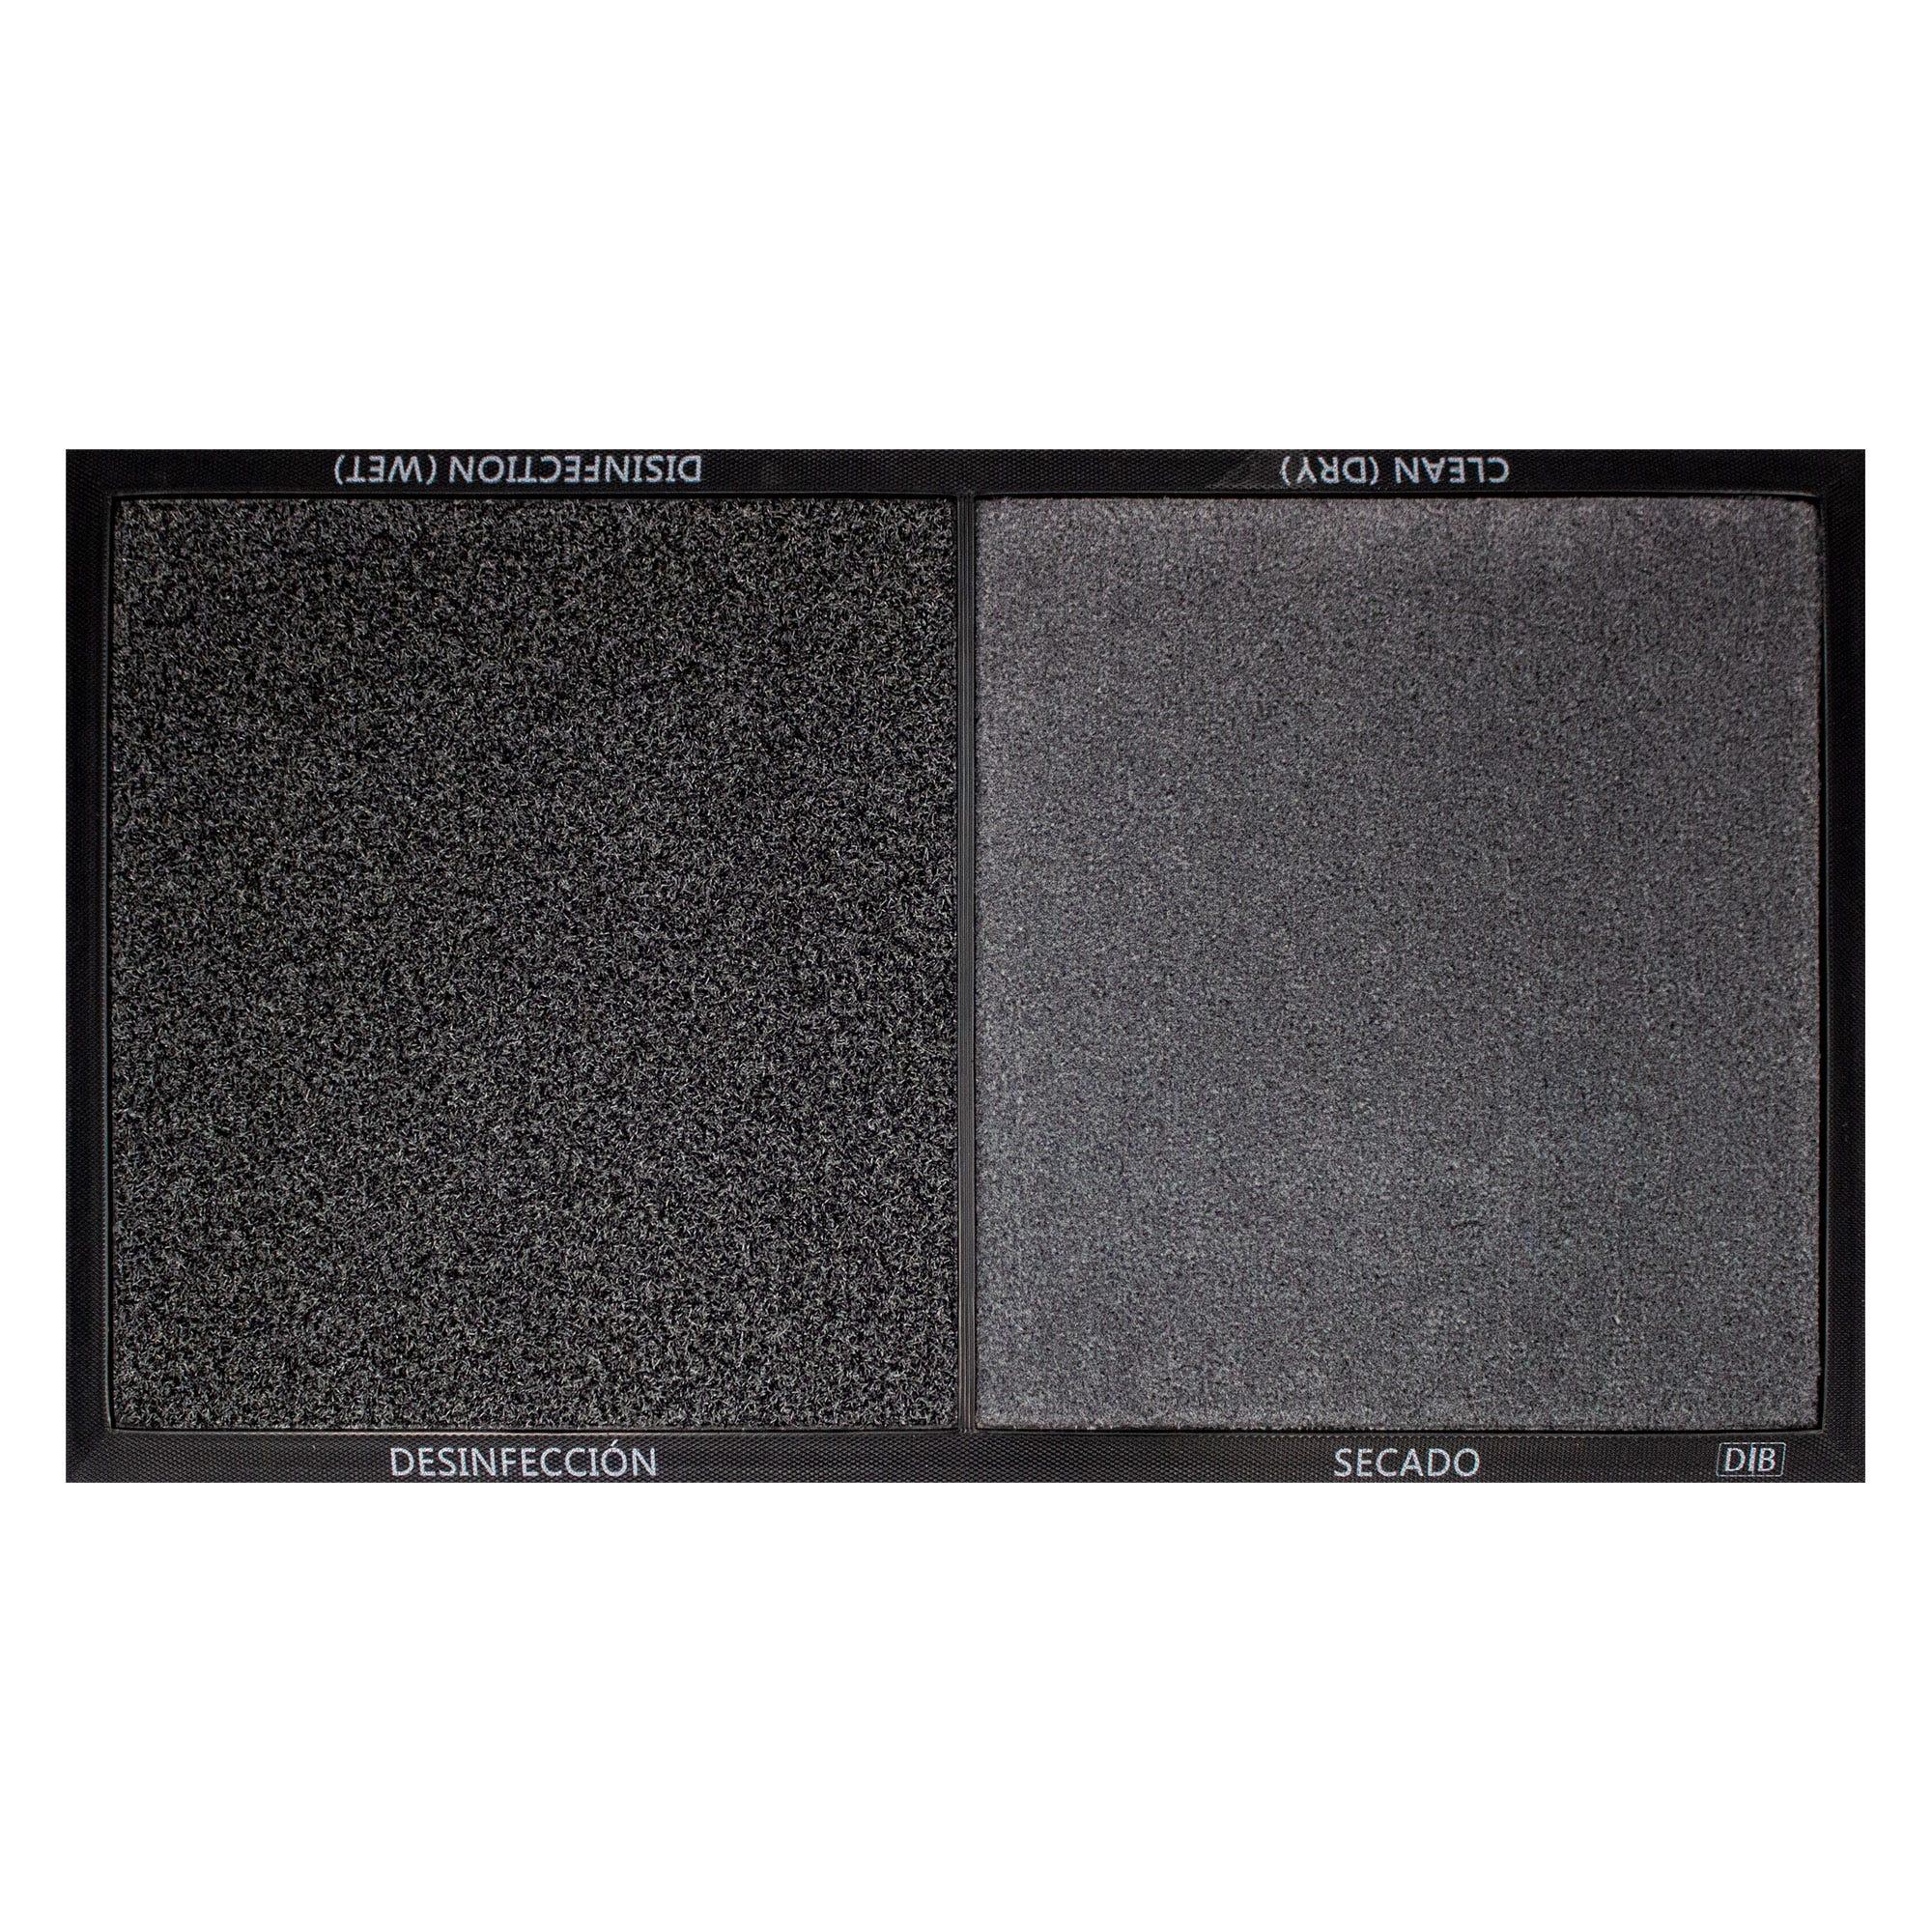 Tapete desinfectante DIB de 48 x 80 cm en negro/gris